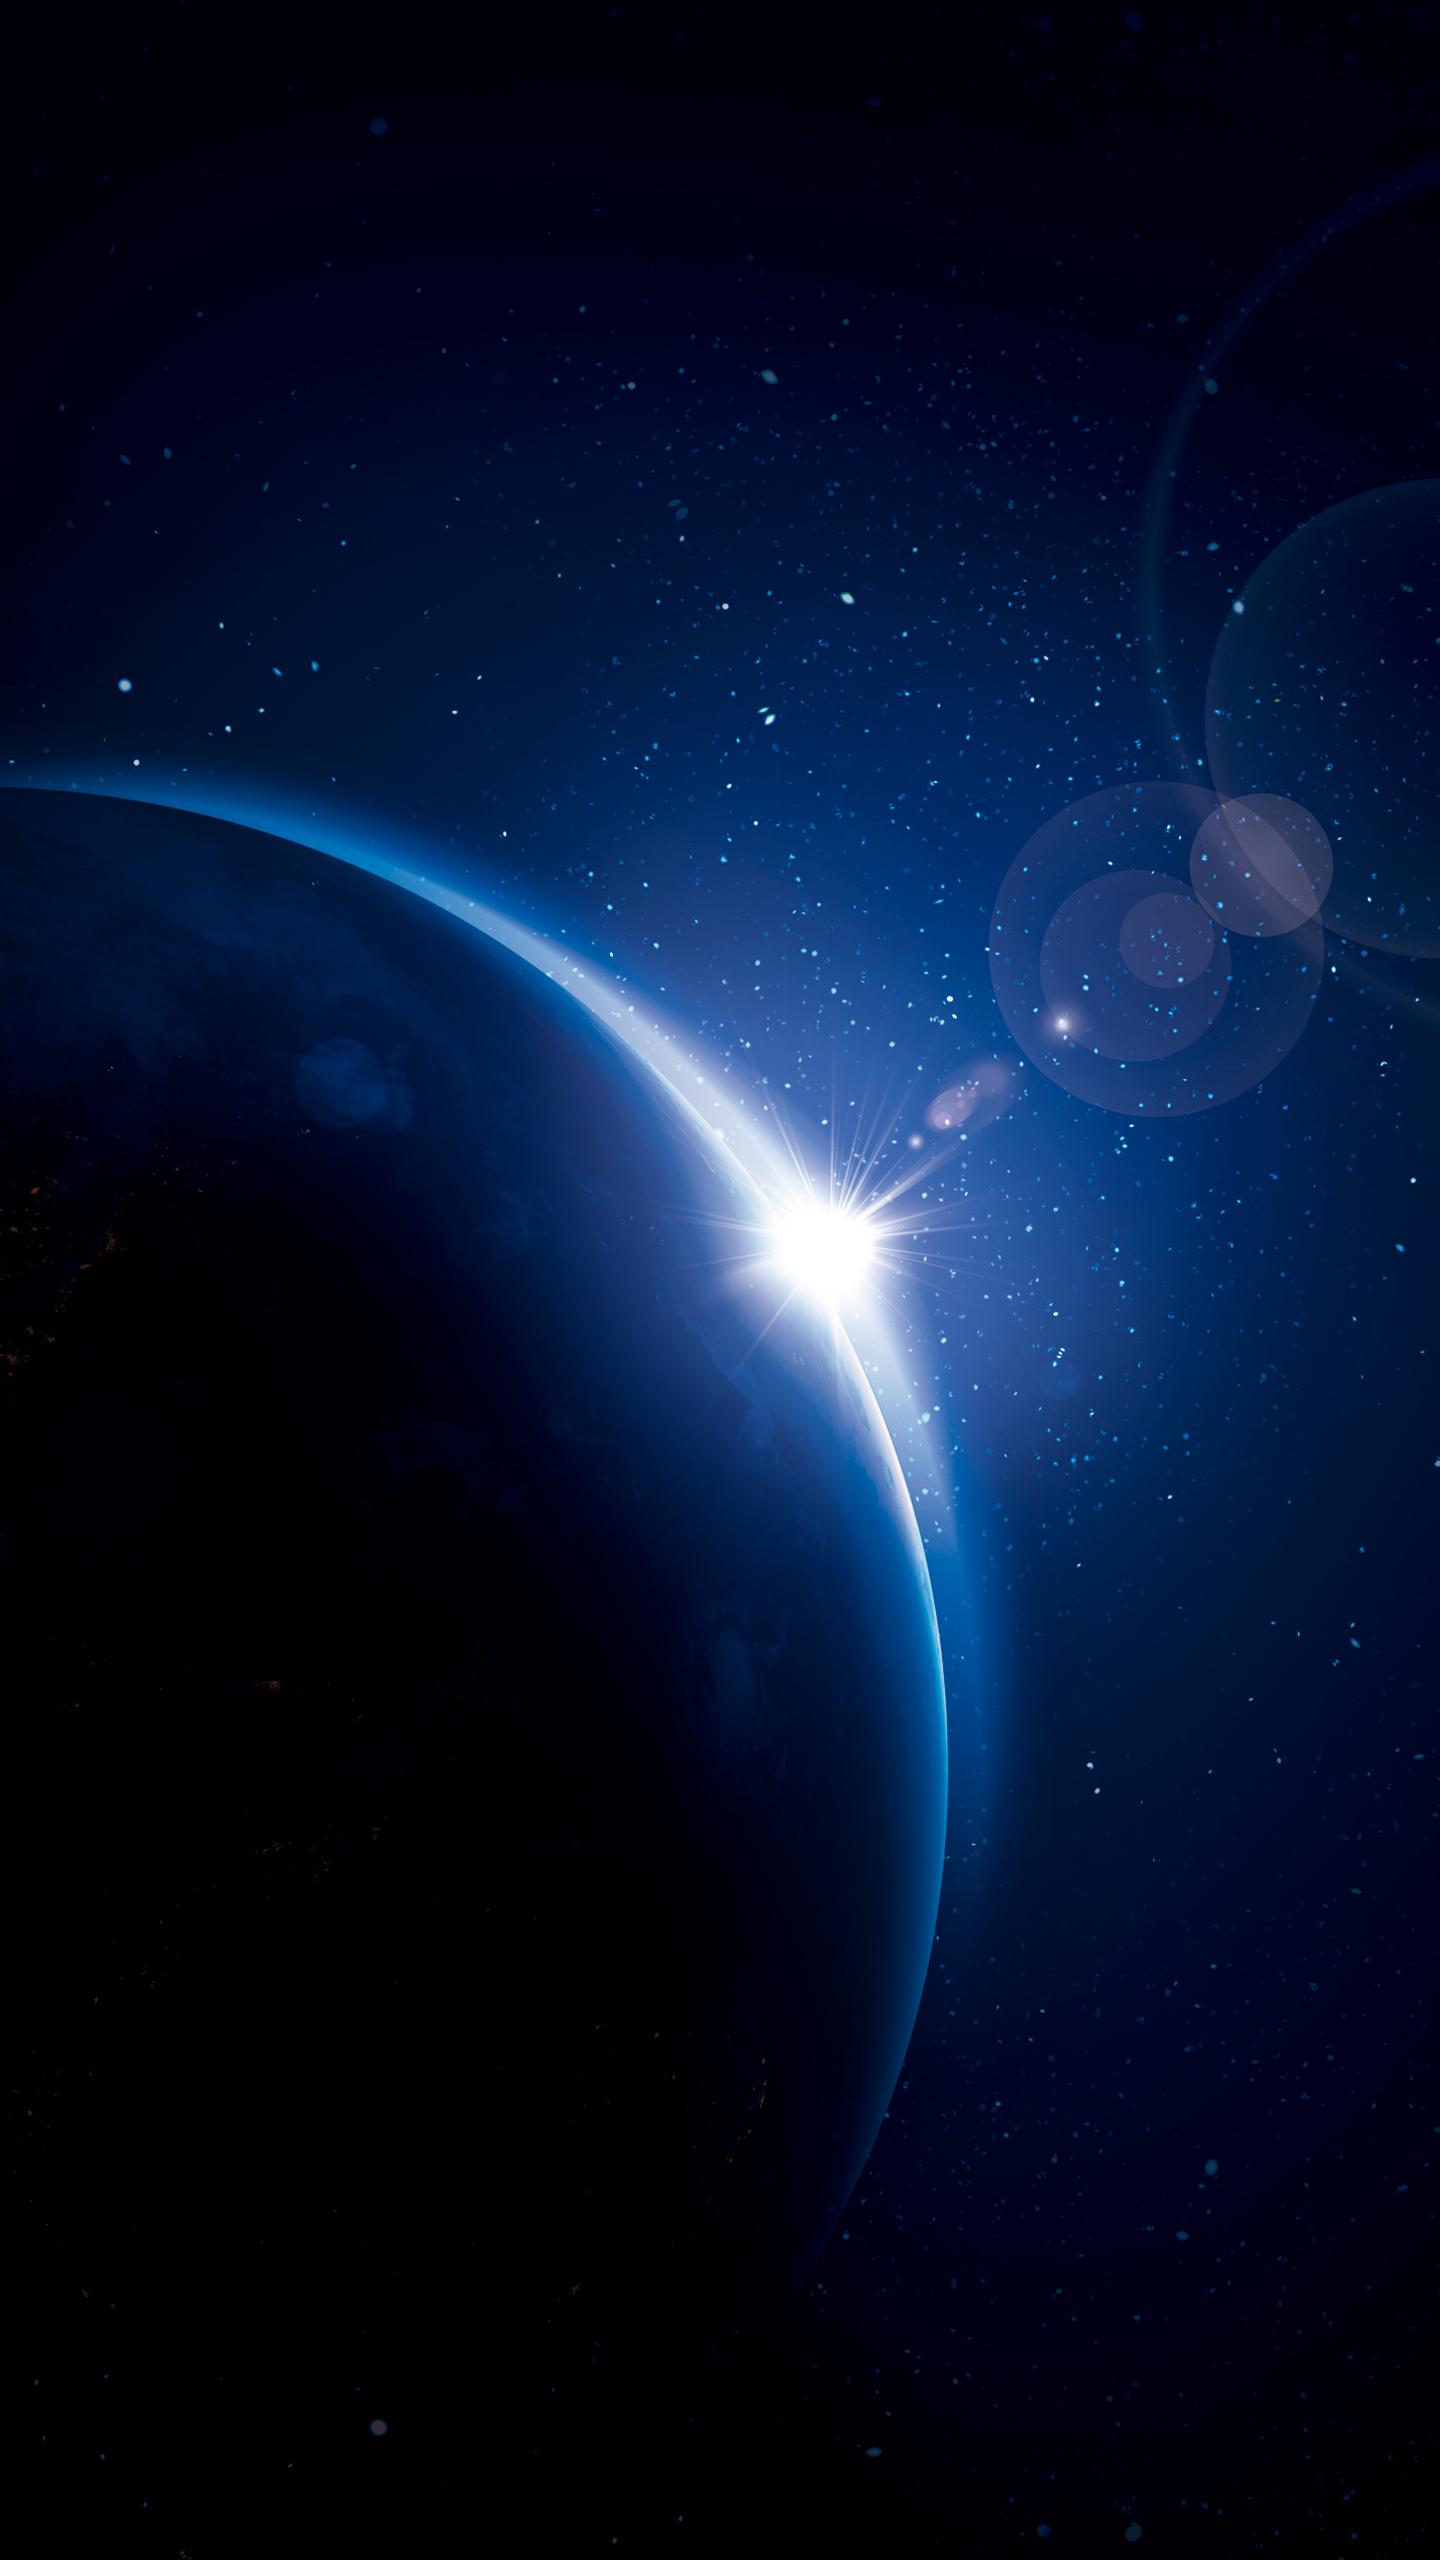 x9i星灰版 出厂原带星球壁纸-x系列-vivo智能手机v粉